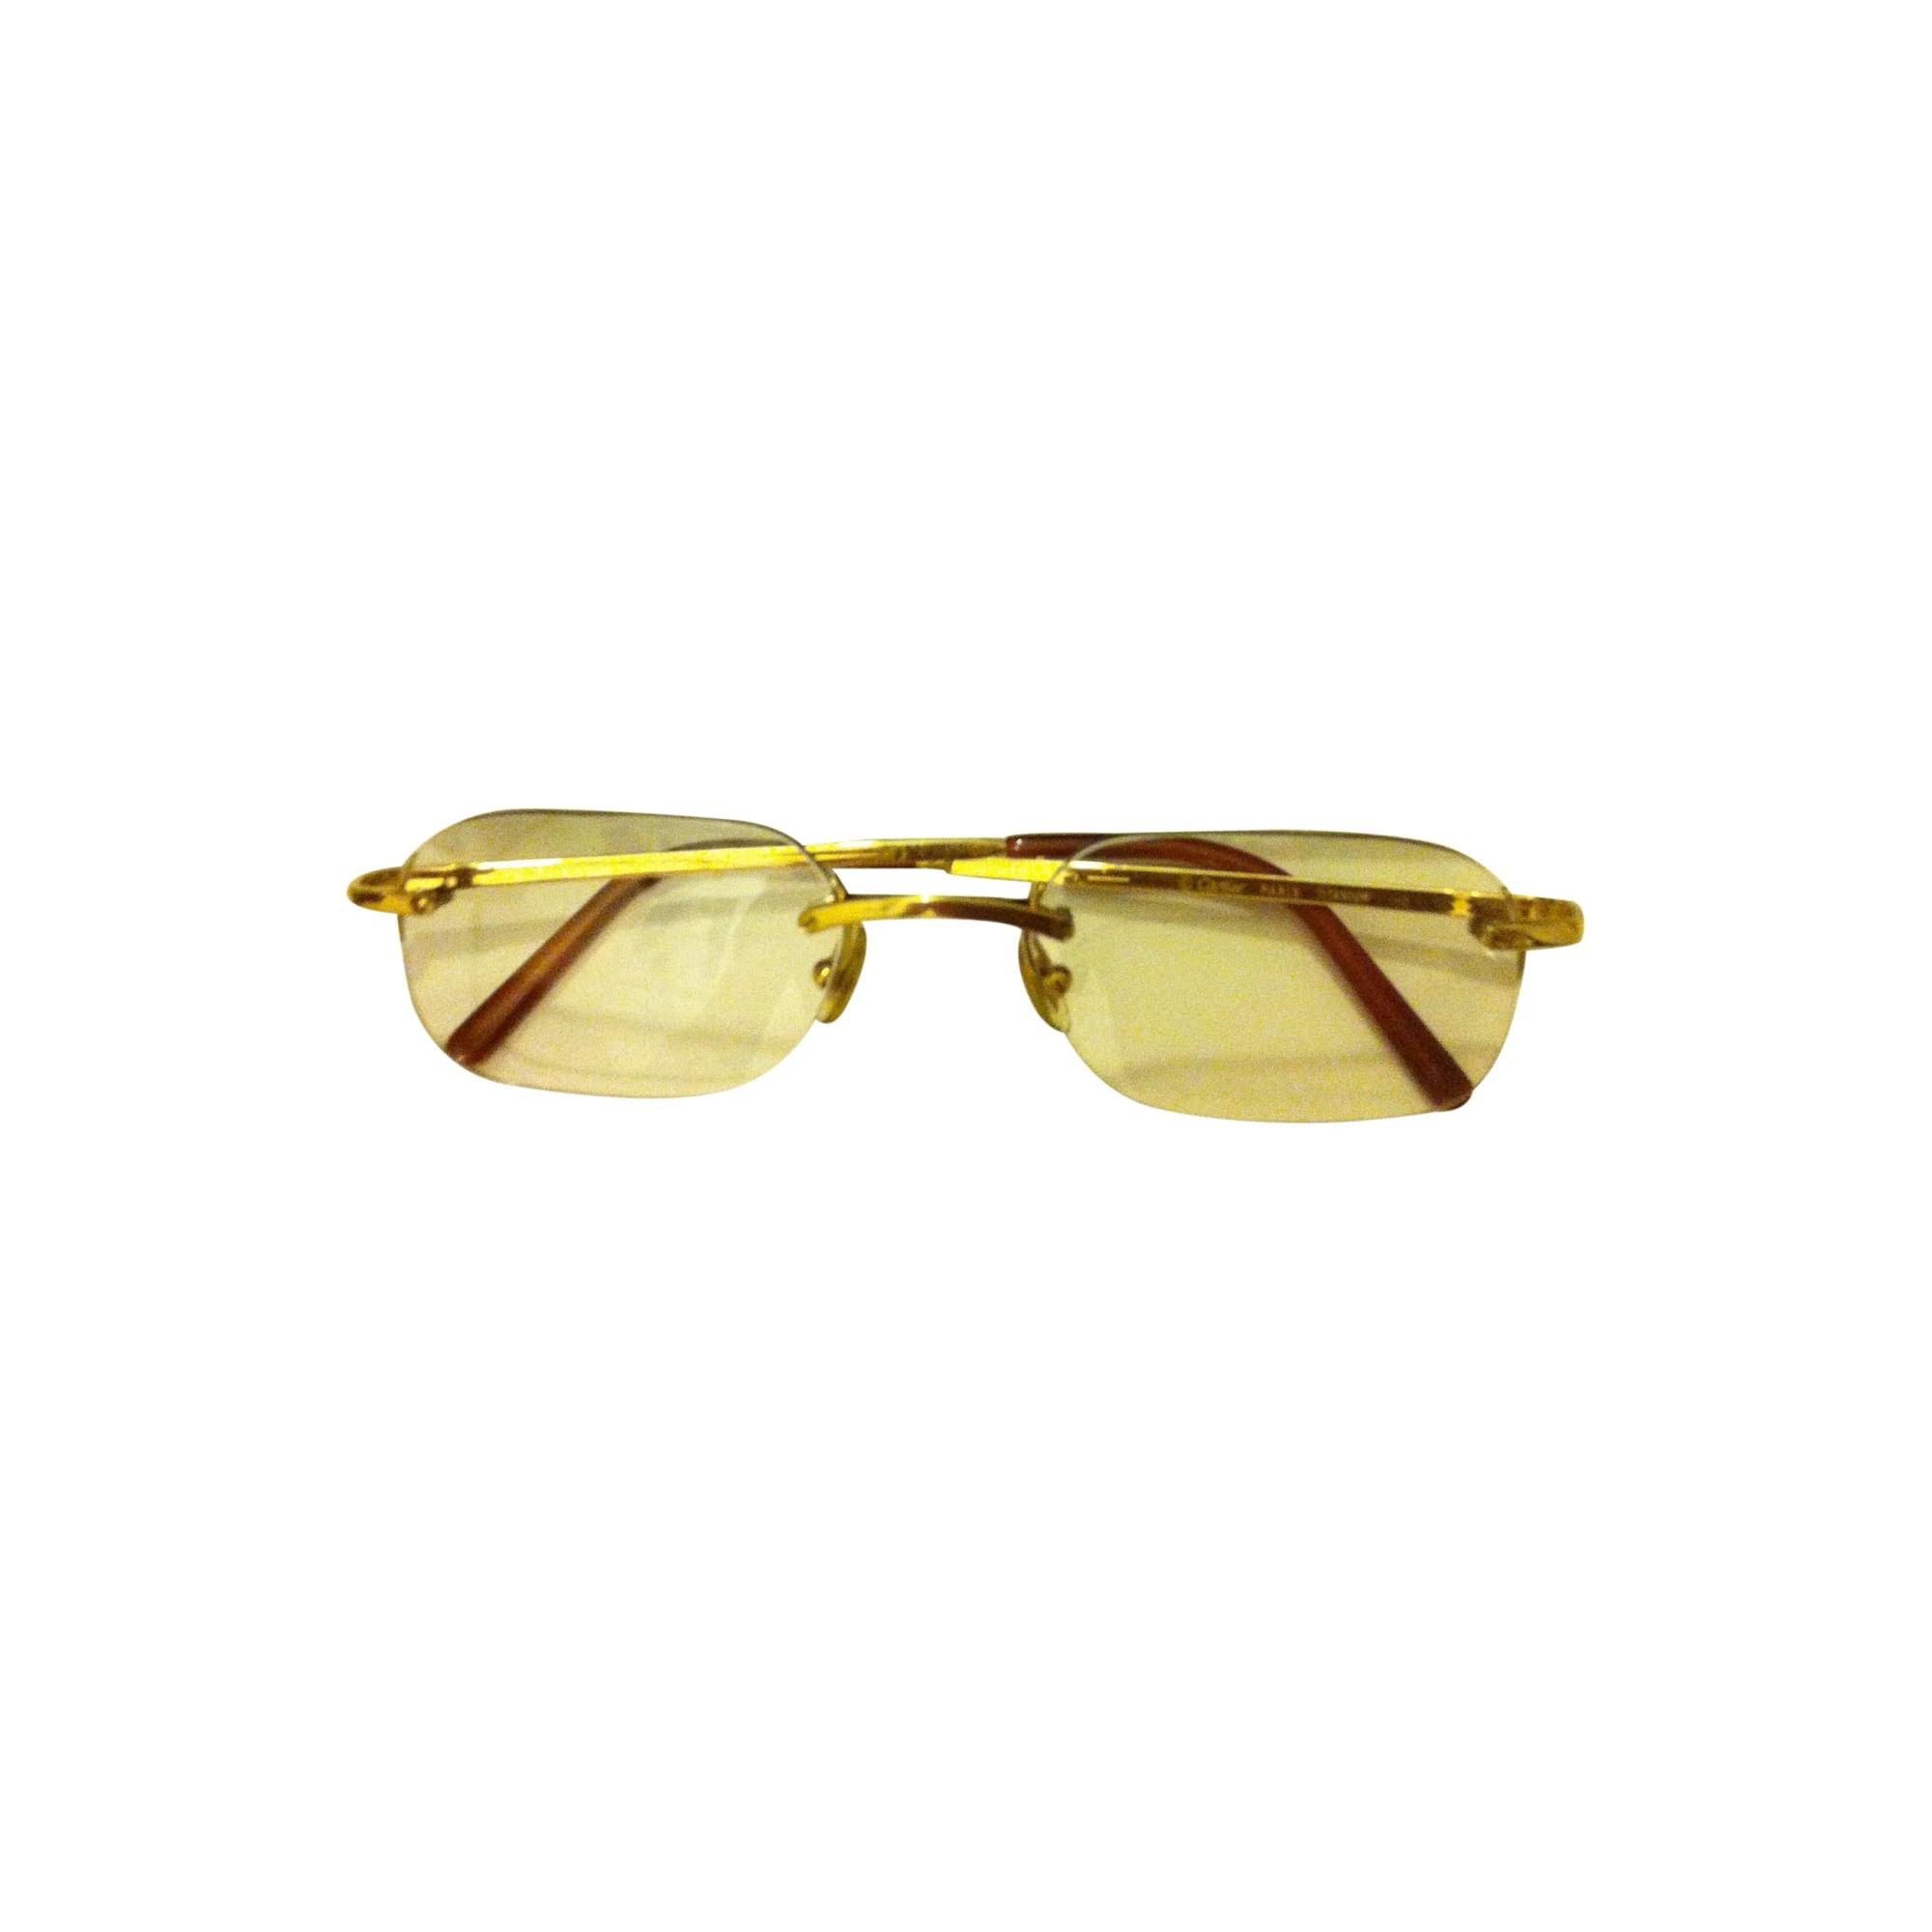 c090665b5bd396 Lunettes de soleil CARTIER doré vendu par Lilia 1177375 - 734191